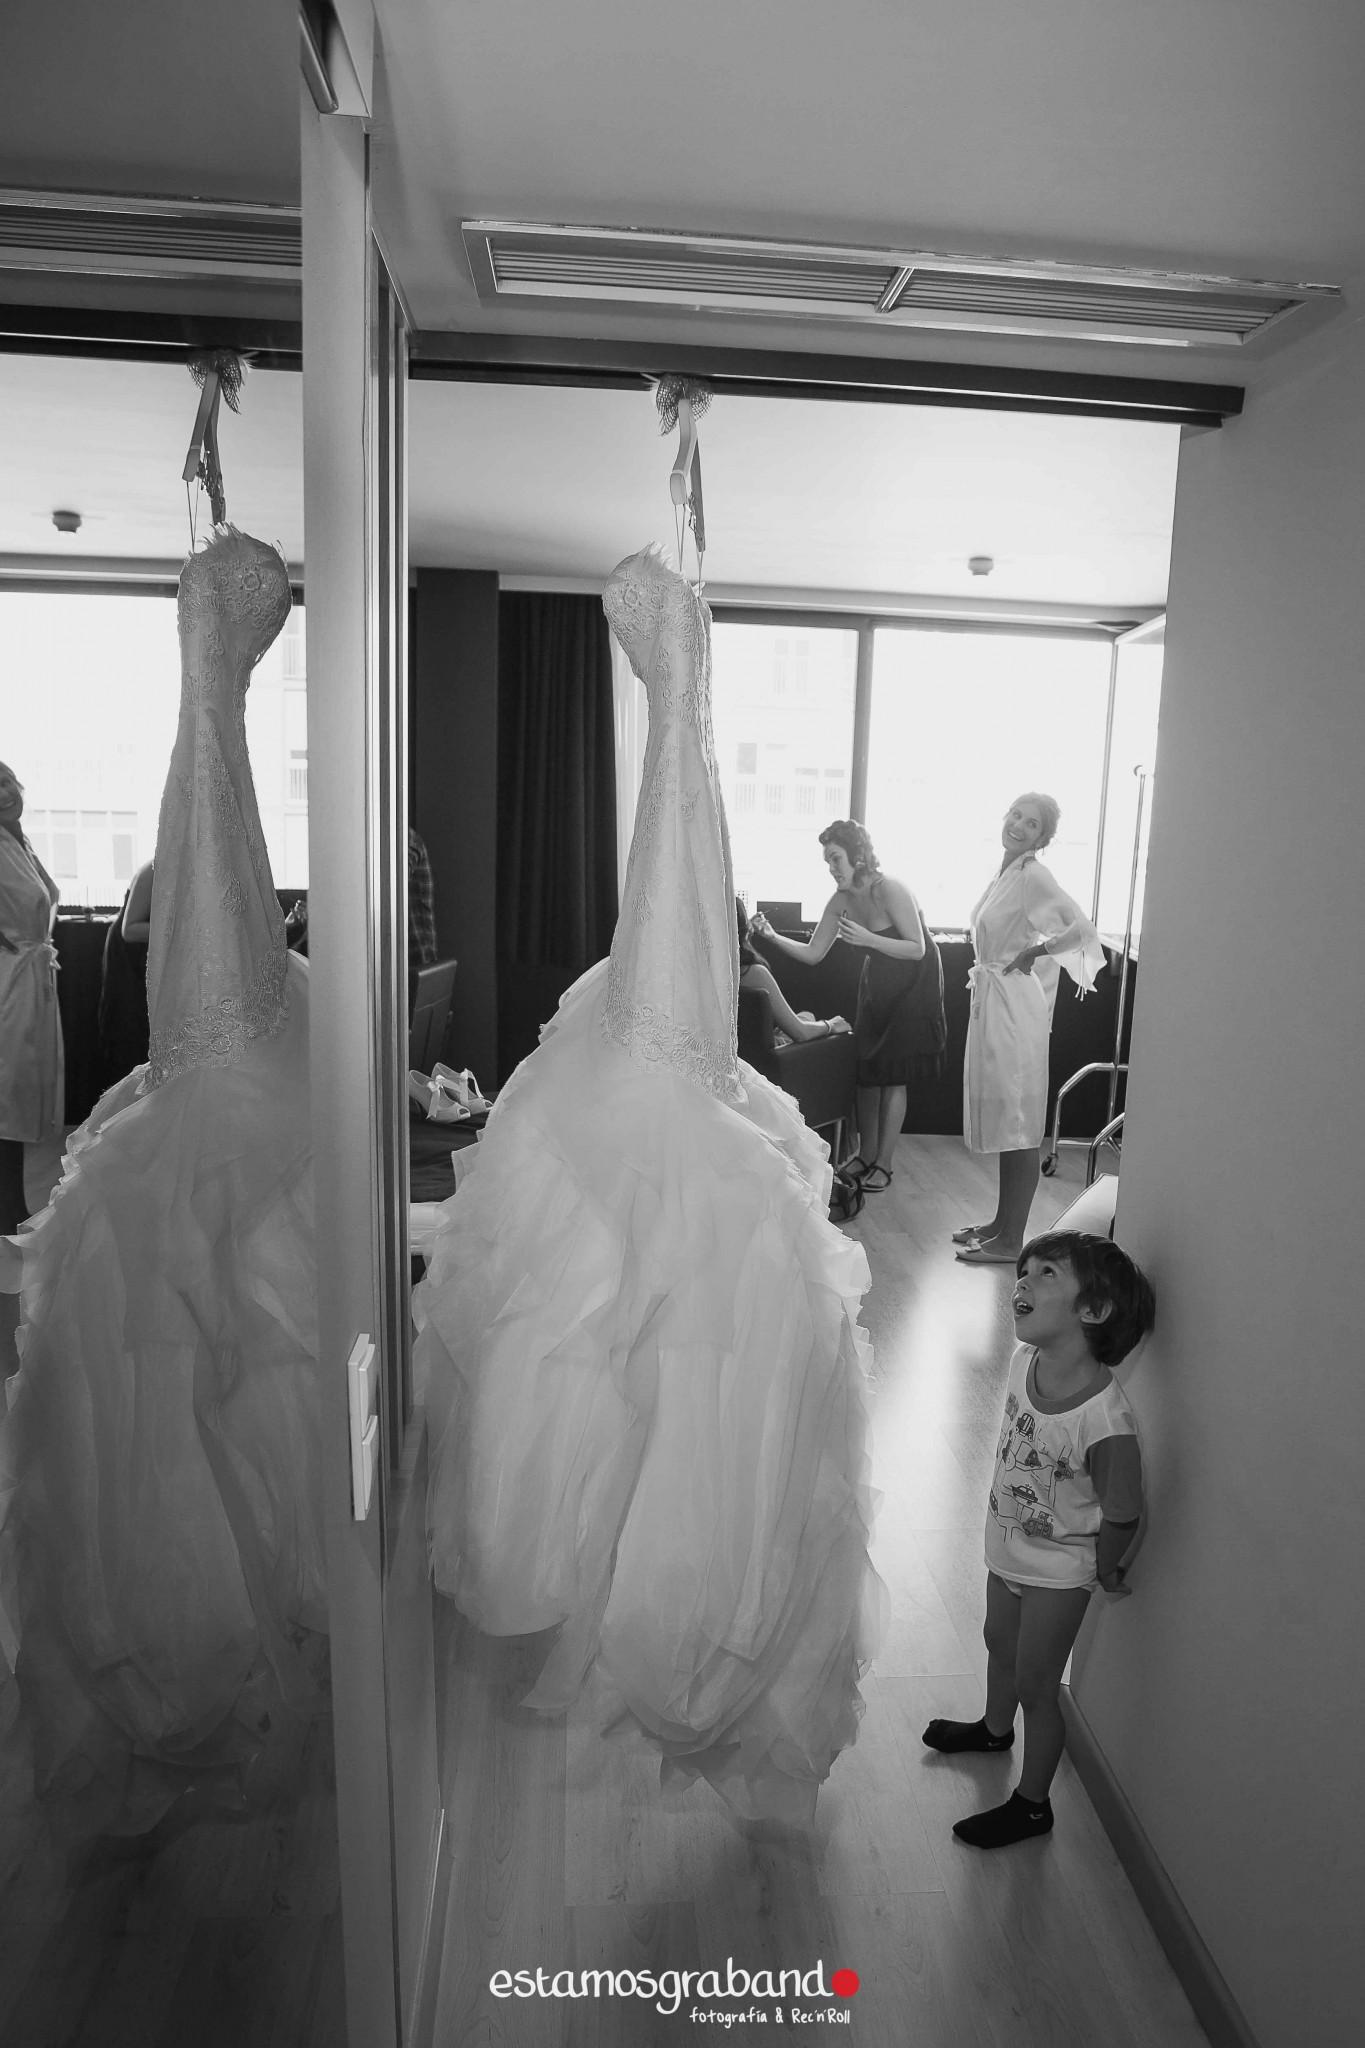 fotografia-de-boda_boda-en-cadiz_reportaje-de-fotos_boda-miriam-y-jesus Emotions made in Cádiz [Fotografía de bodas en Cádiz] - video boda cadiz